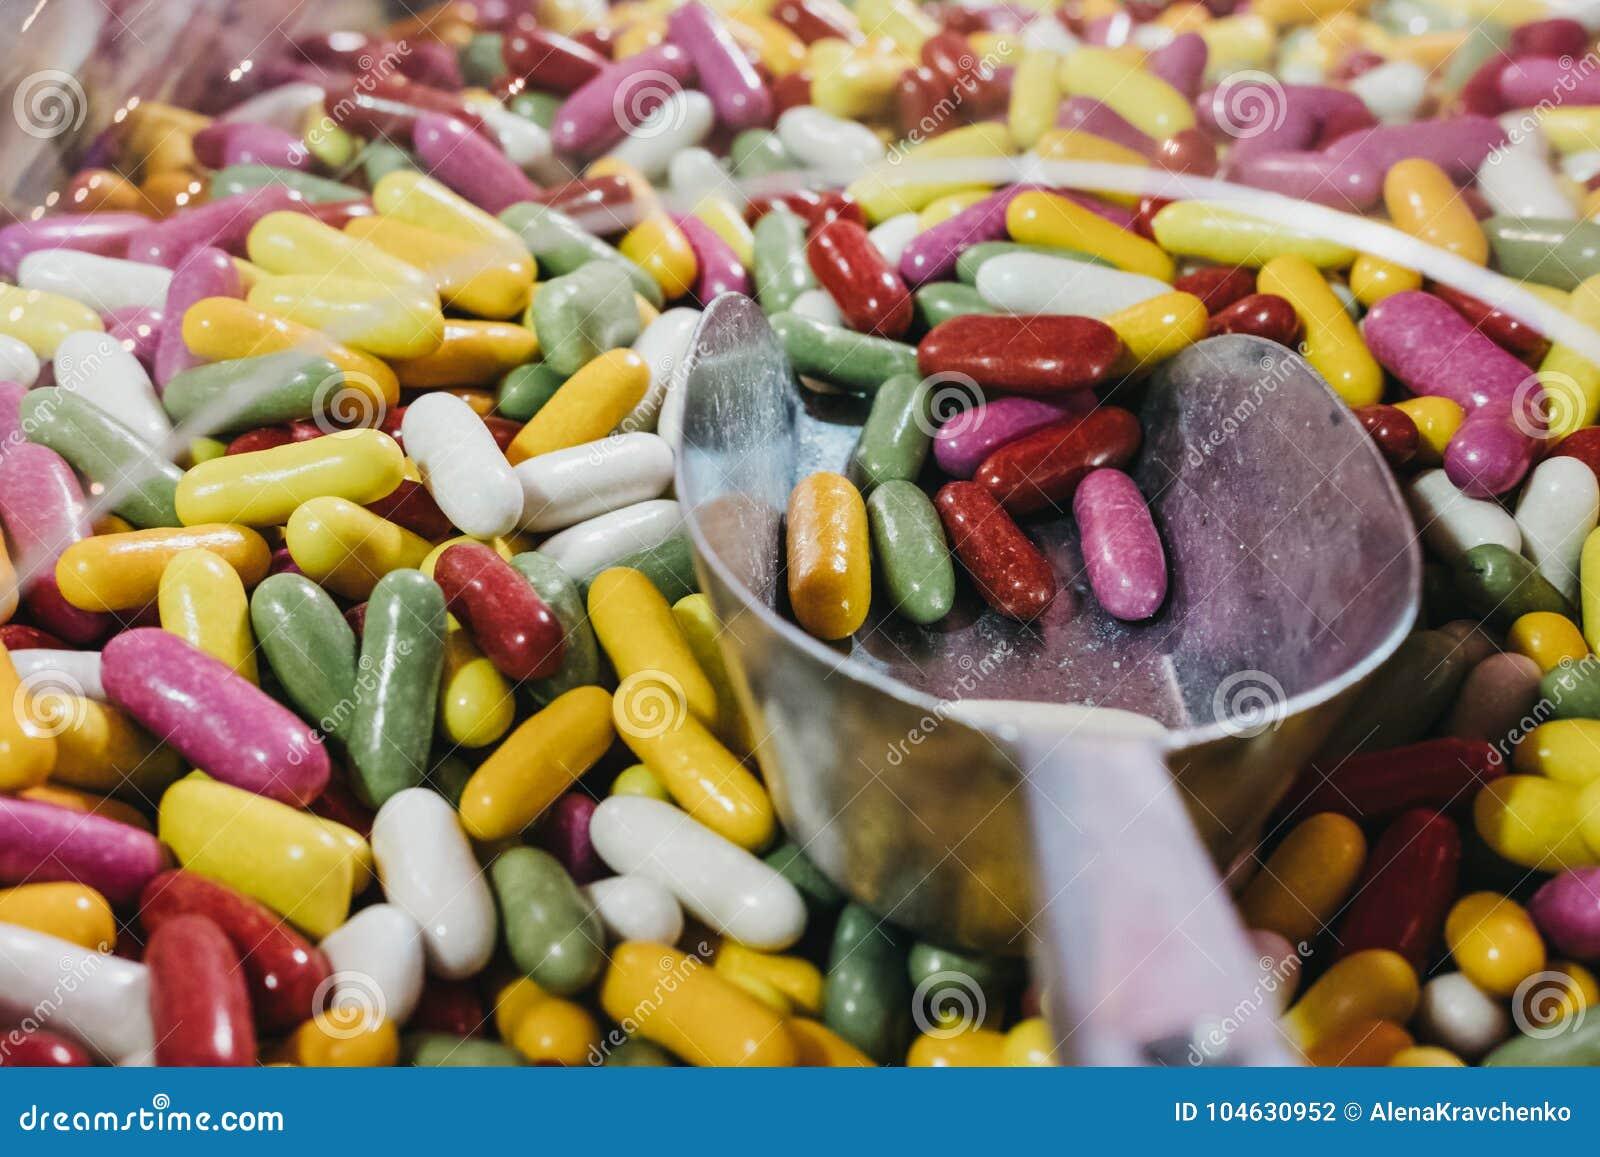 Download Hand Met Een Lepel Die Multi-coloured Geleibonen Plukken Stock Foto - Afbeelding bestaande uit taai, jellybean: 104630952